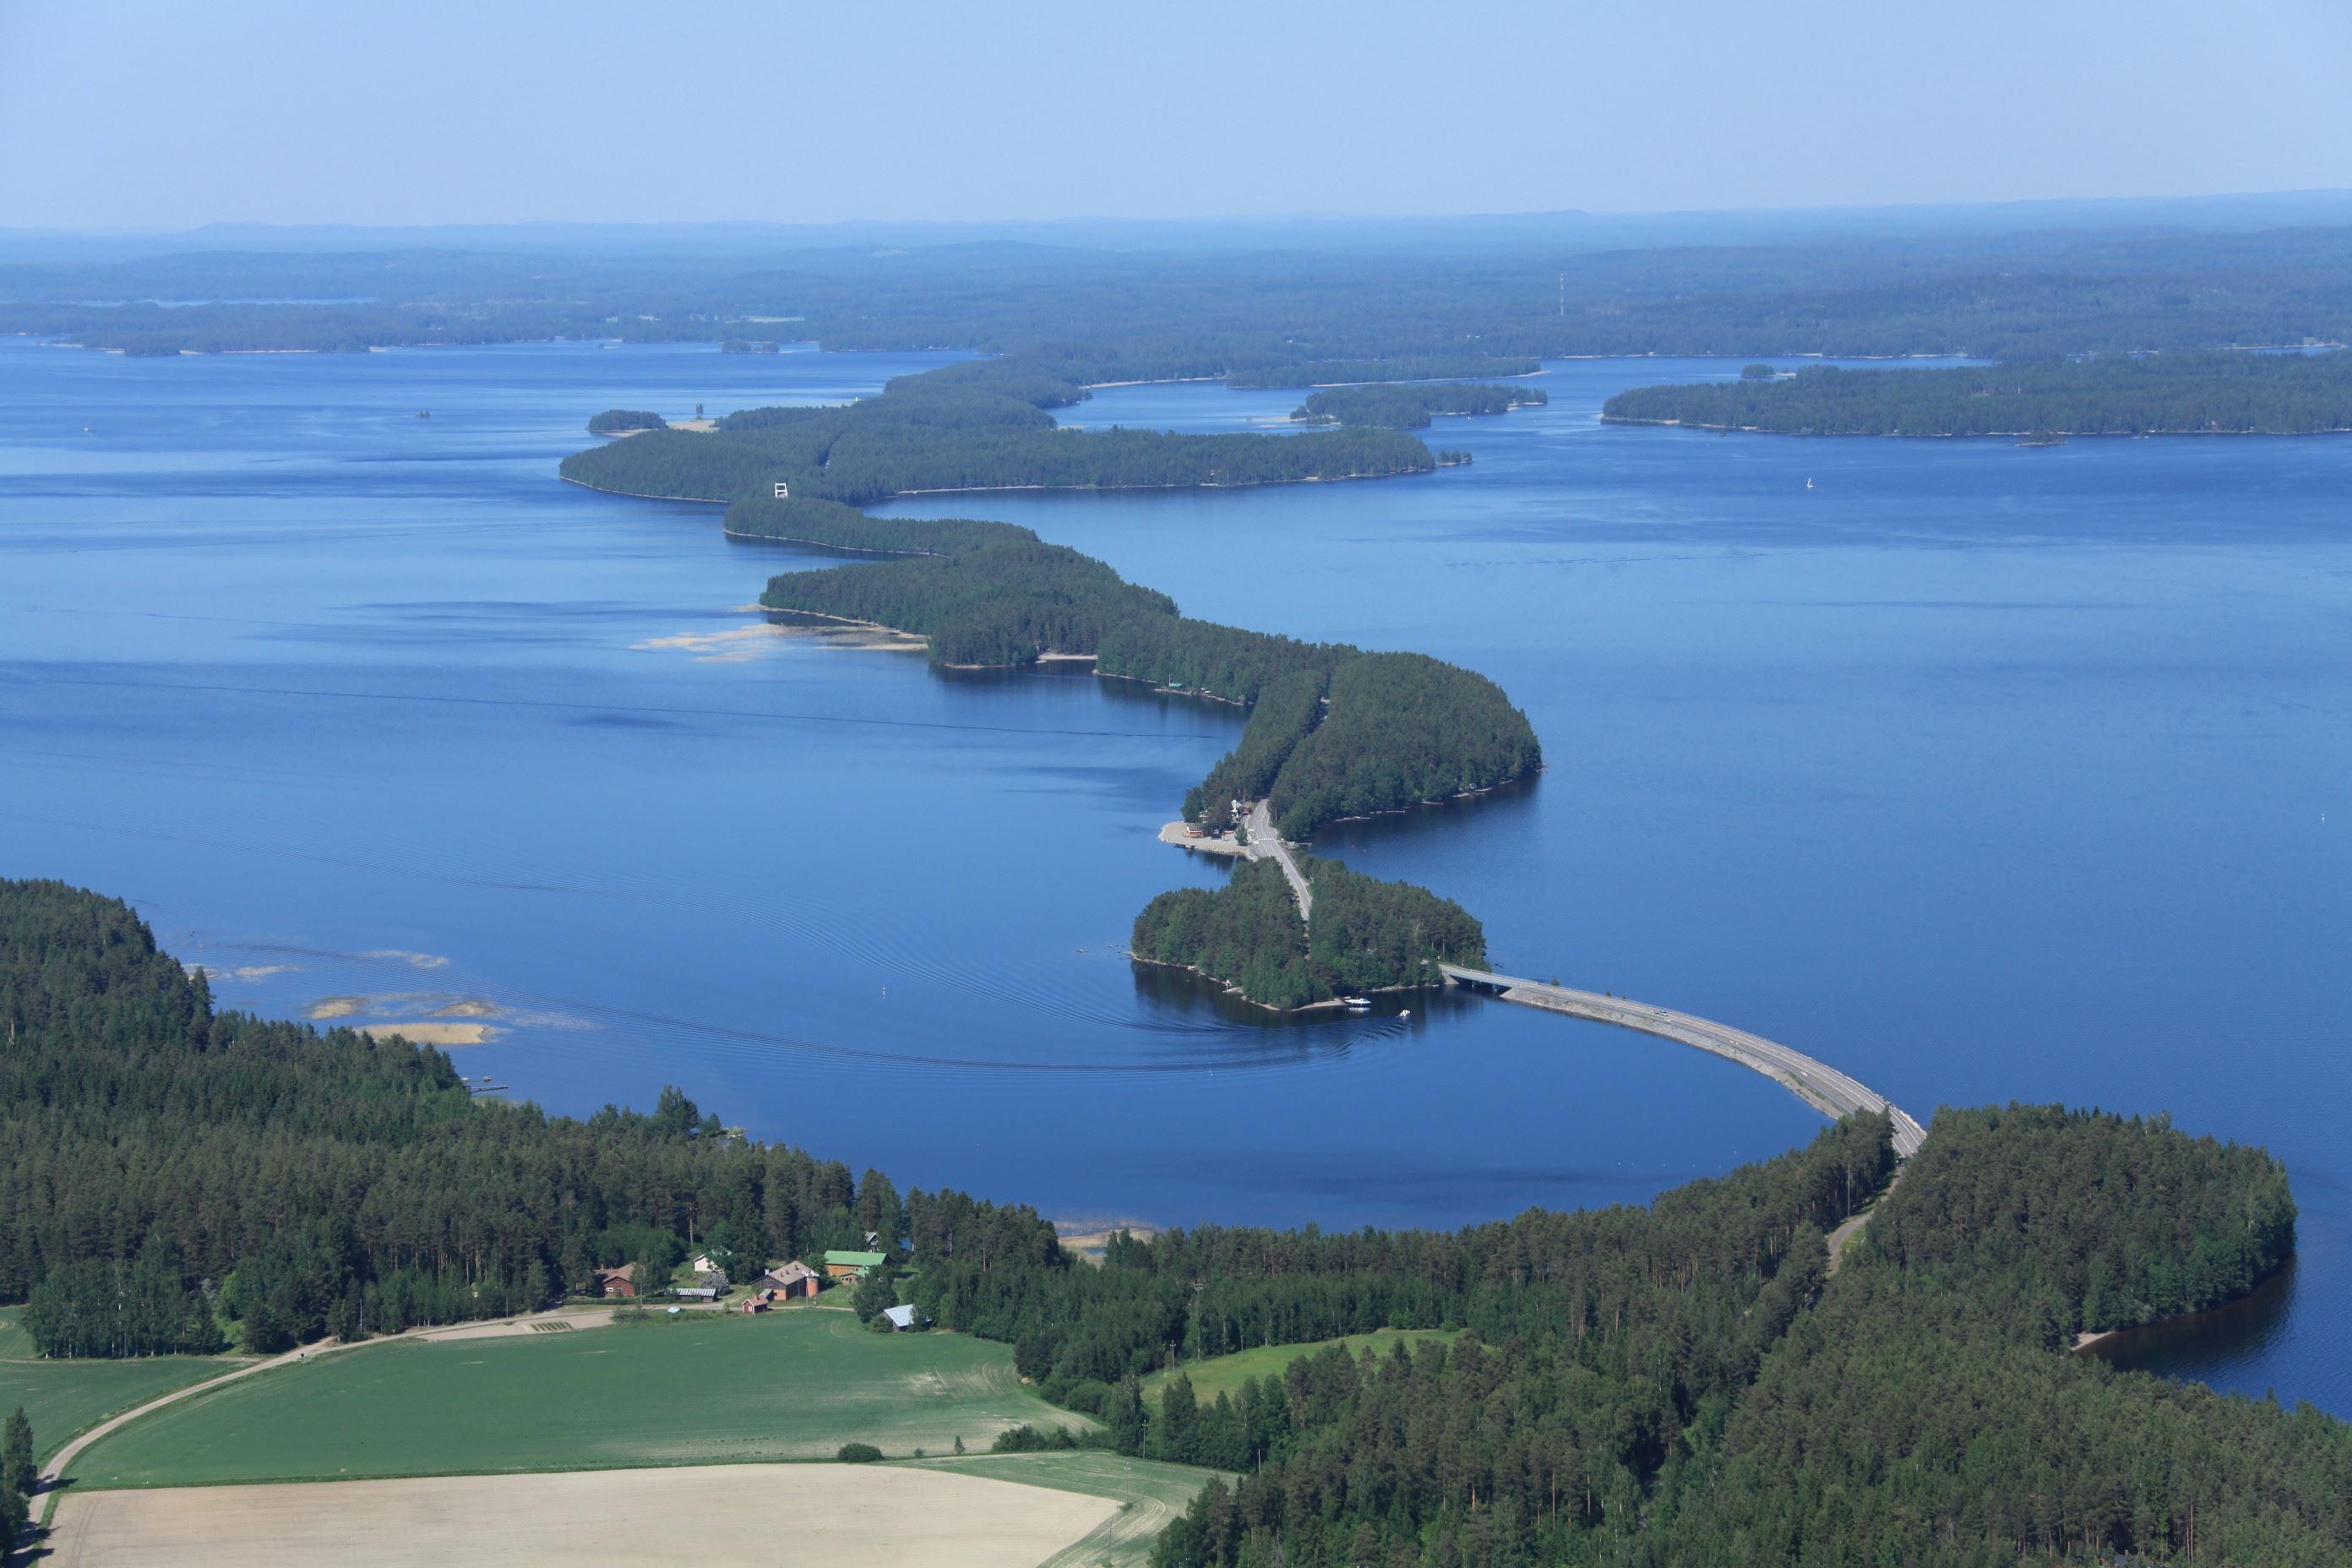 Päijänteen kansallispuisto | Pulkkilanharju